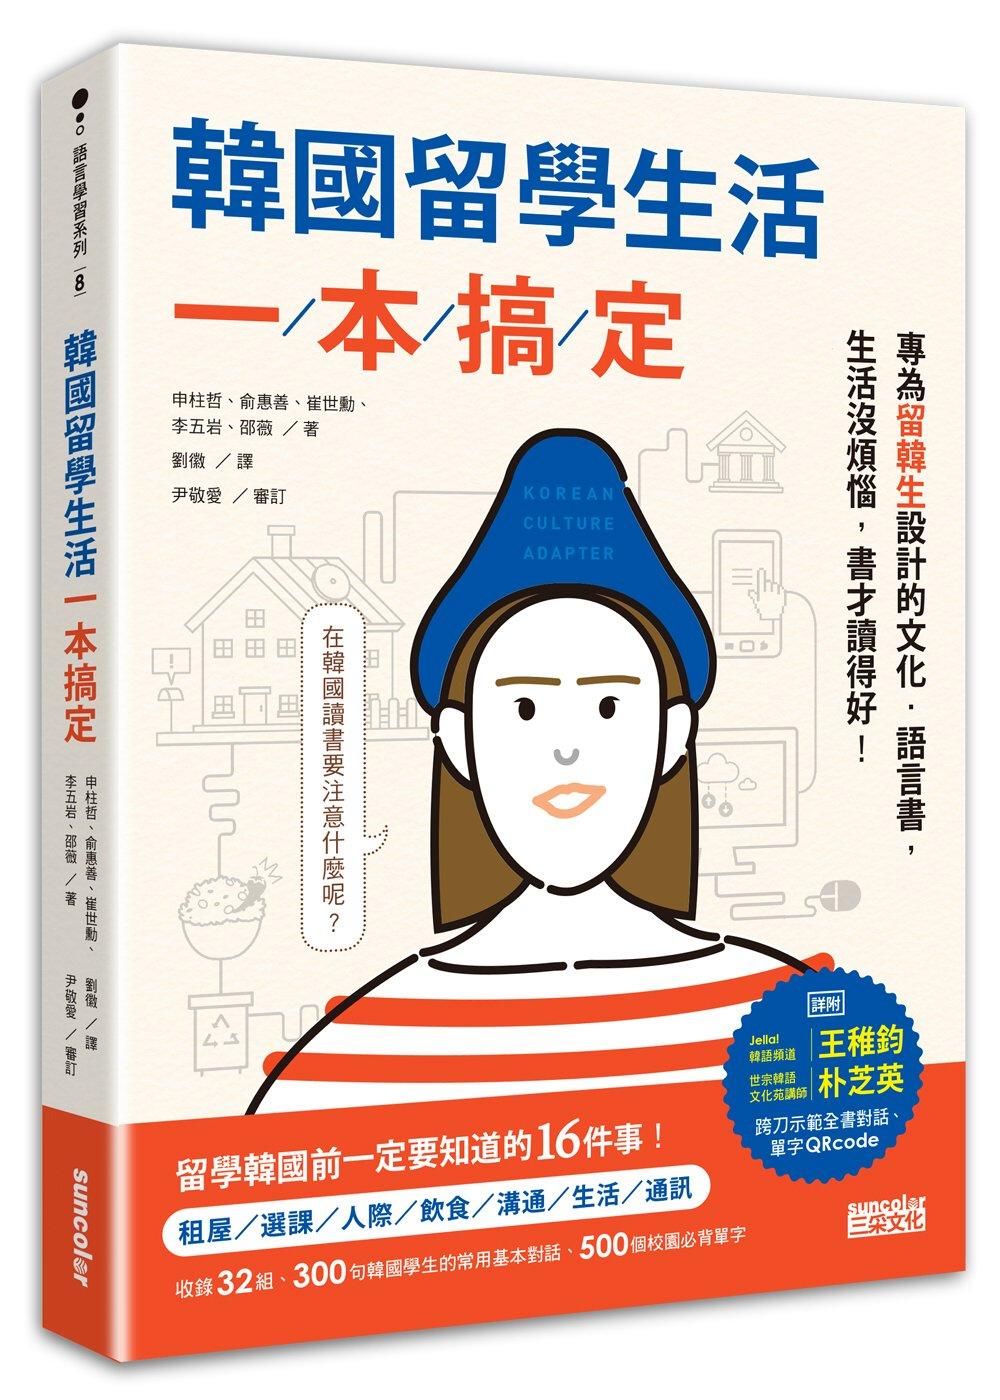 韓國留學生活一本搞定:專為留韓生設計的文化‧語言書,生活沒煩惱,書才讀得好!